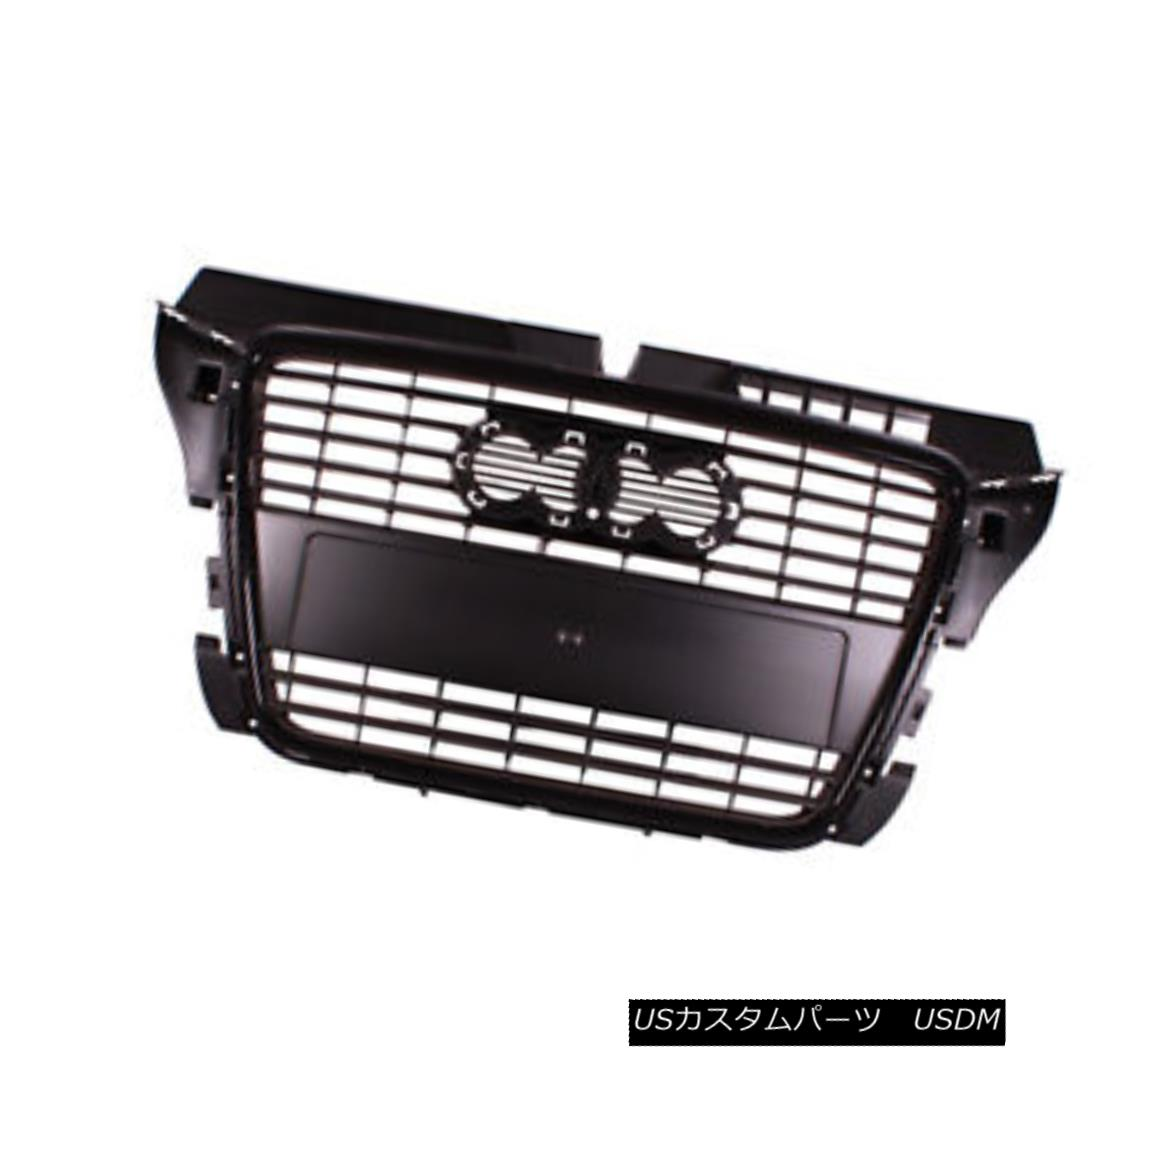 グリル New Replacement Front Grille Black 104-50862B 新しい交換用フロントグリルブラック104-50862B